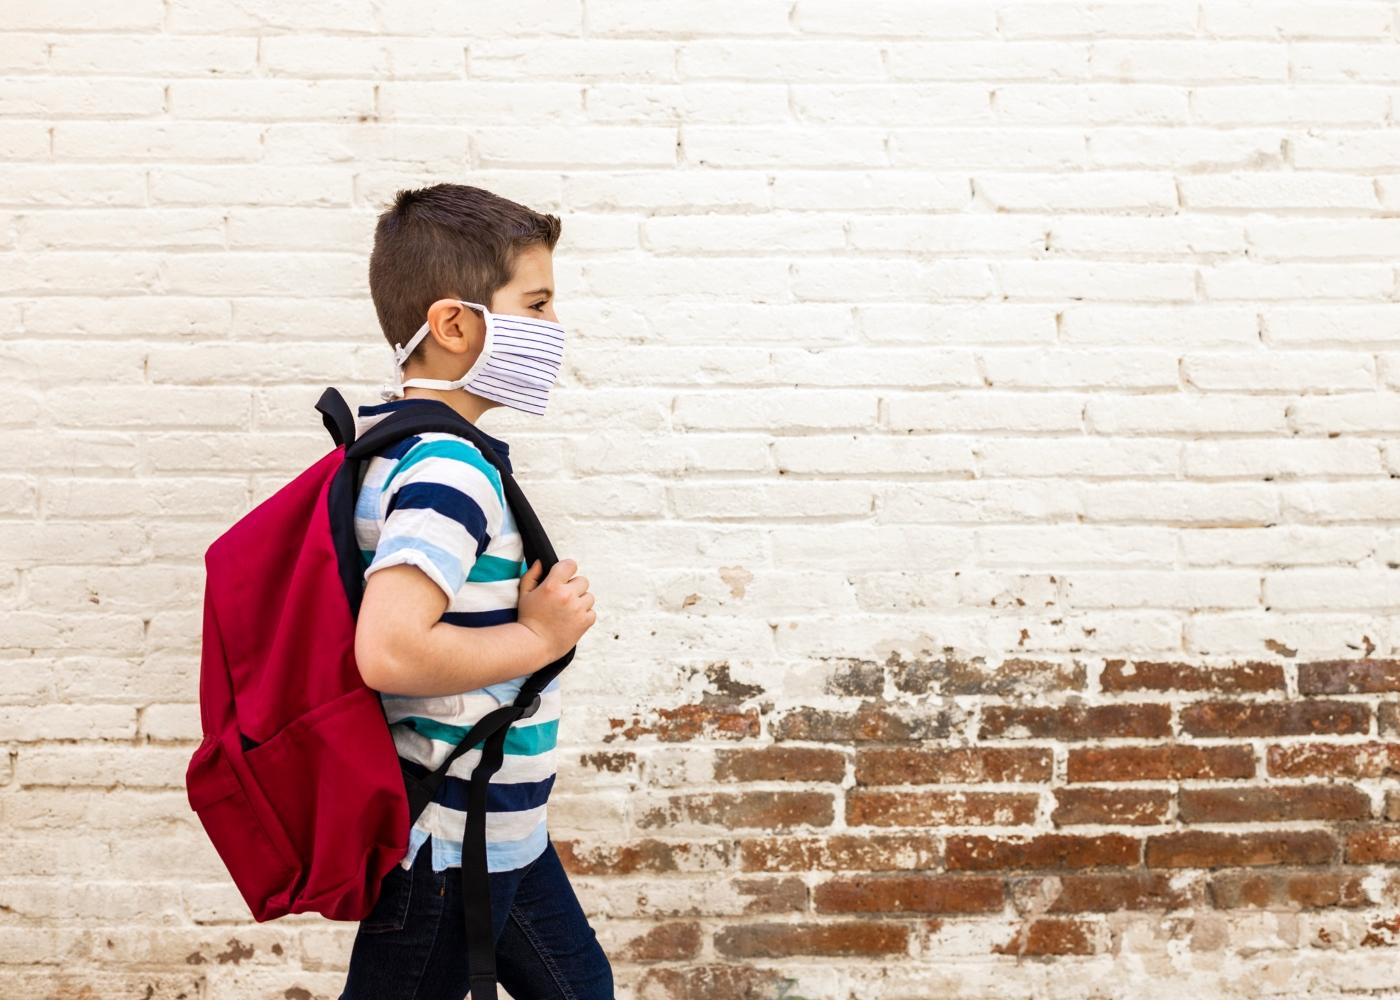 aluno do sistema de ensino português a ir para as aulas com máscara